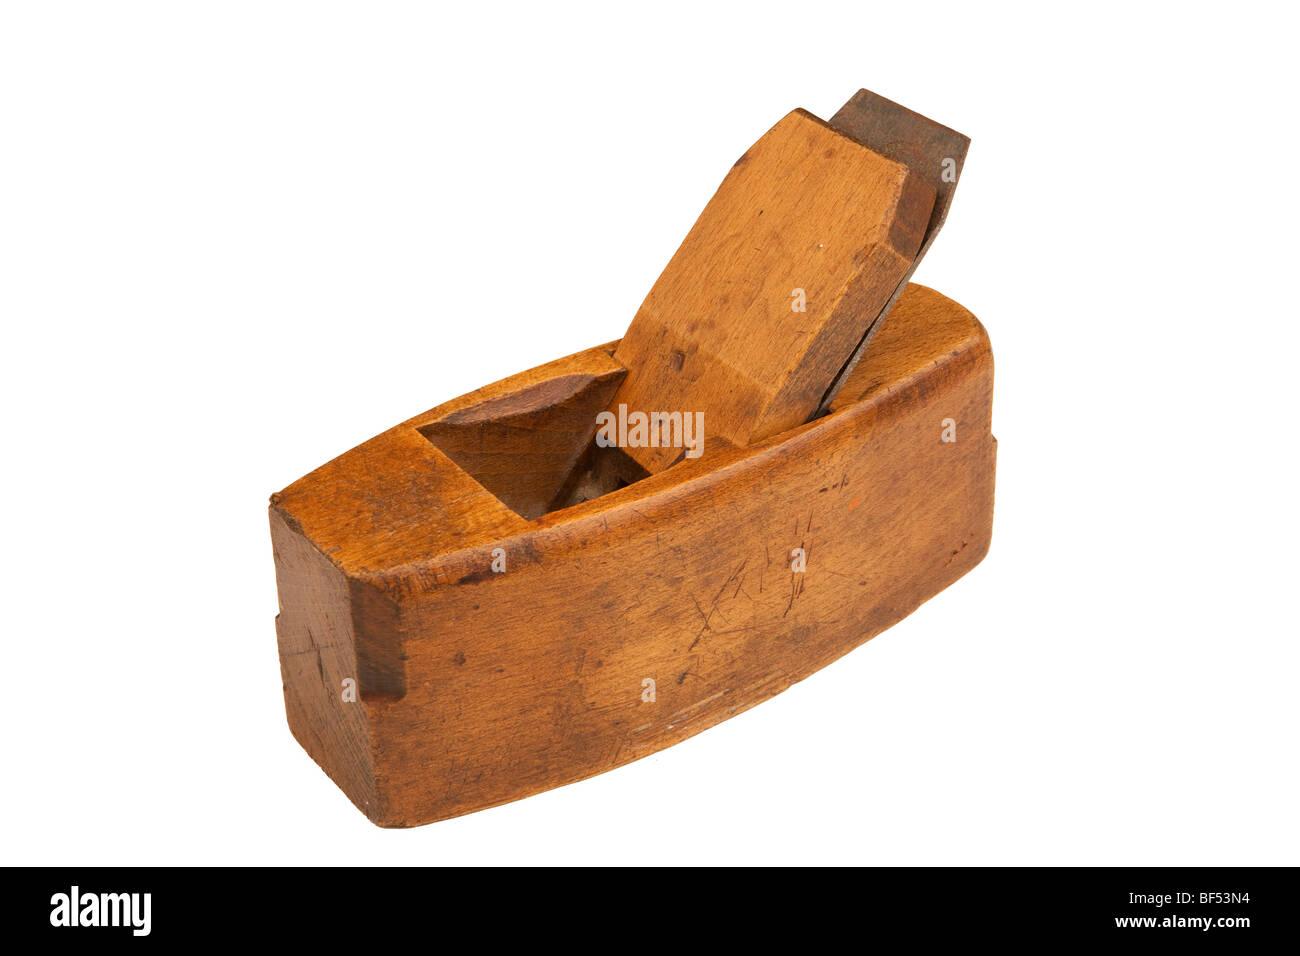 L'artisanat, en bois à l'ancienne menuiserie rabots Banque D'Images